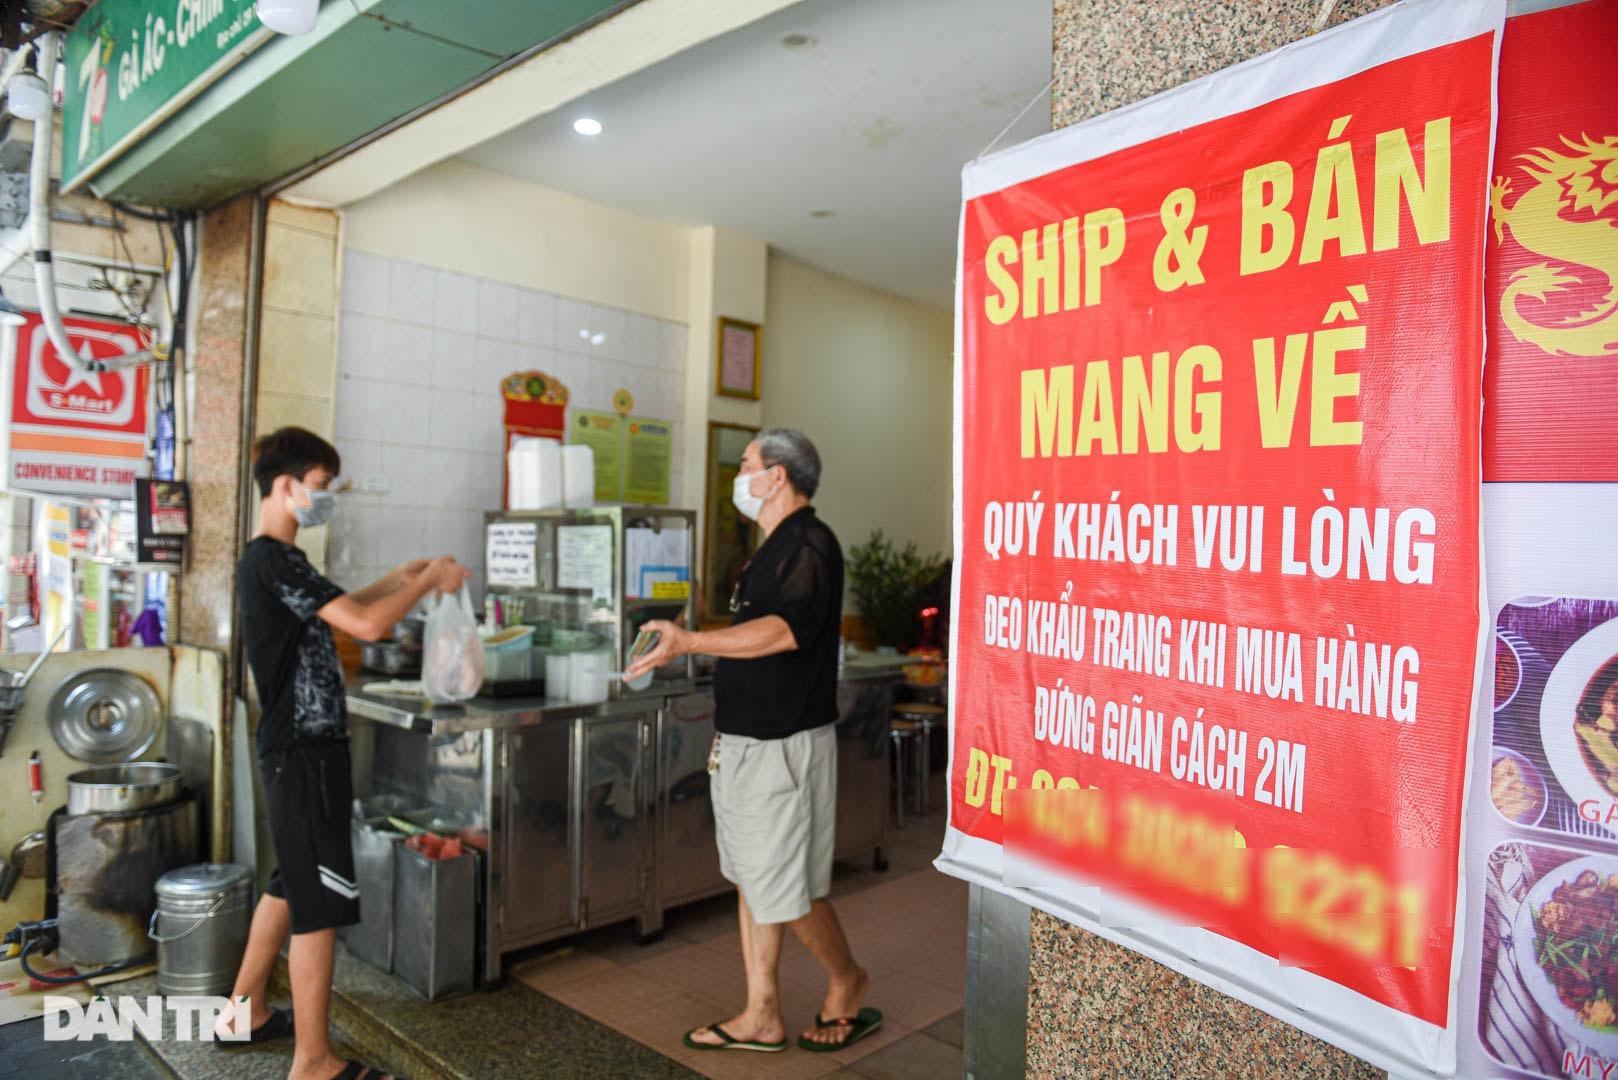 Cảnh cửa đóng then cài, đìu hiu ở phố ẩm thực không ngủ Hà Nội - 3